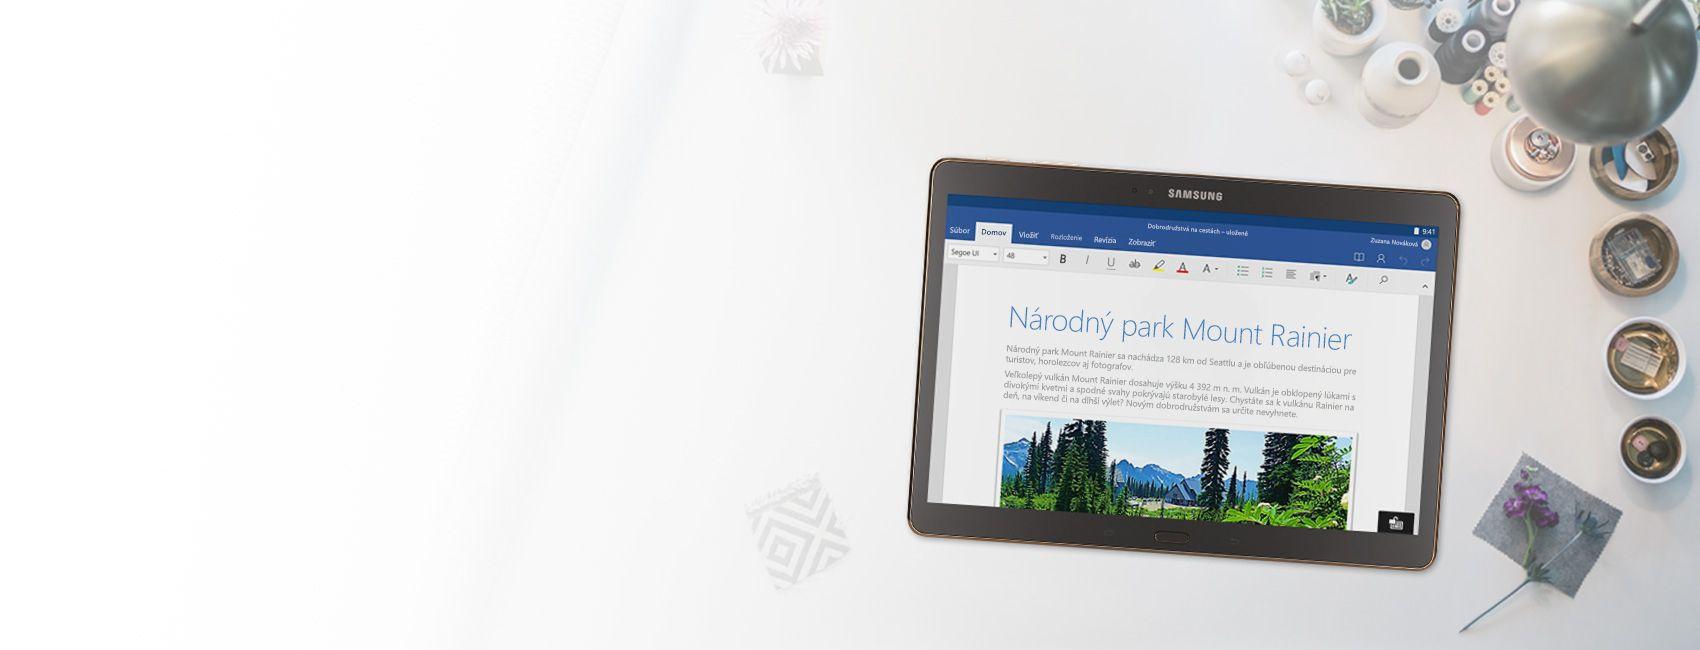 Tablet zobrazujúci wordový dokument onárodnom parku Mount Rainier